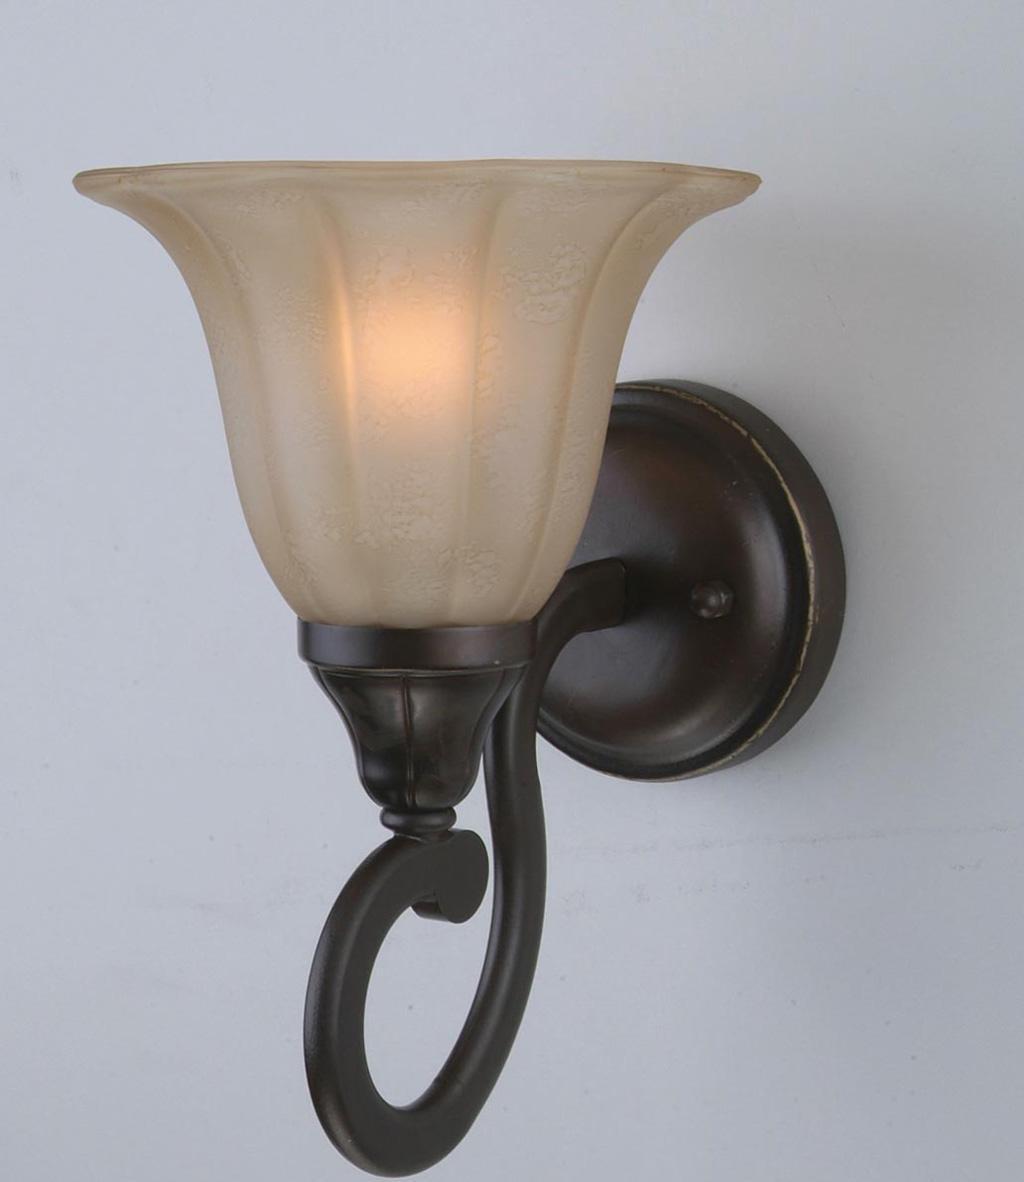 室内装仹olz,y��9�_凯撒琳 > 凯撒琳吊灯wb-25901/7olz  参考价格: ¥ 340.